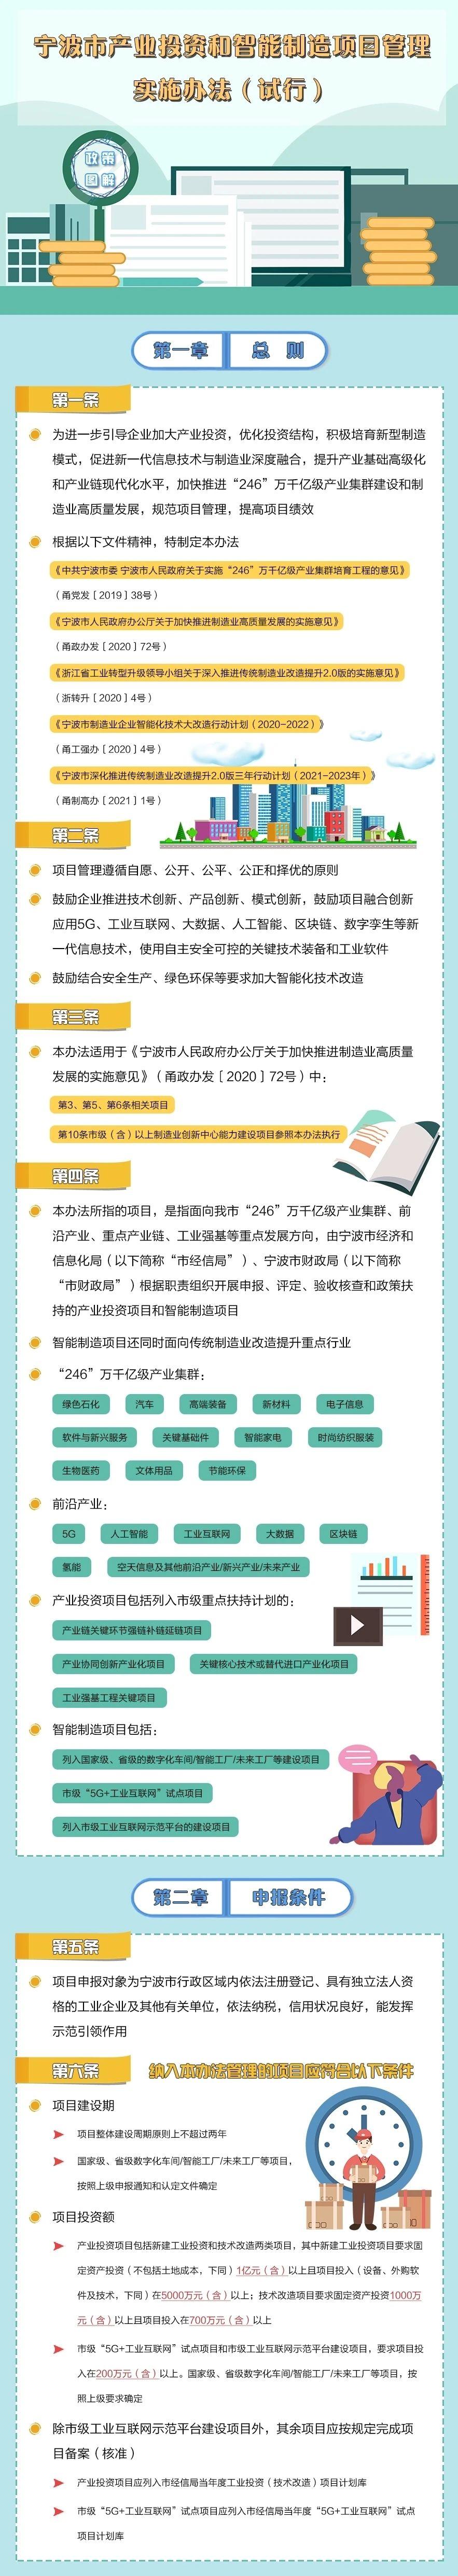 一图读懂《宁波市产业投资和智能制造项目管理实施办法(试行)》